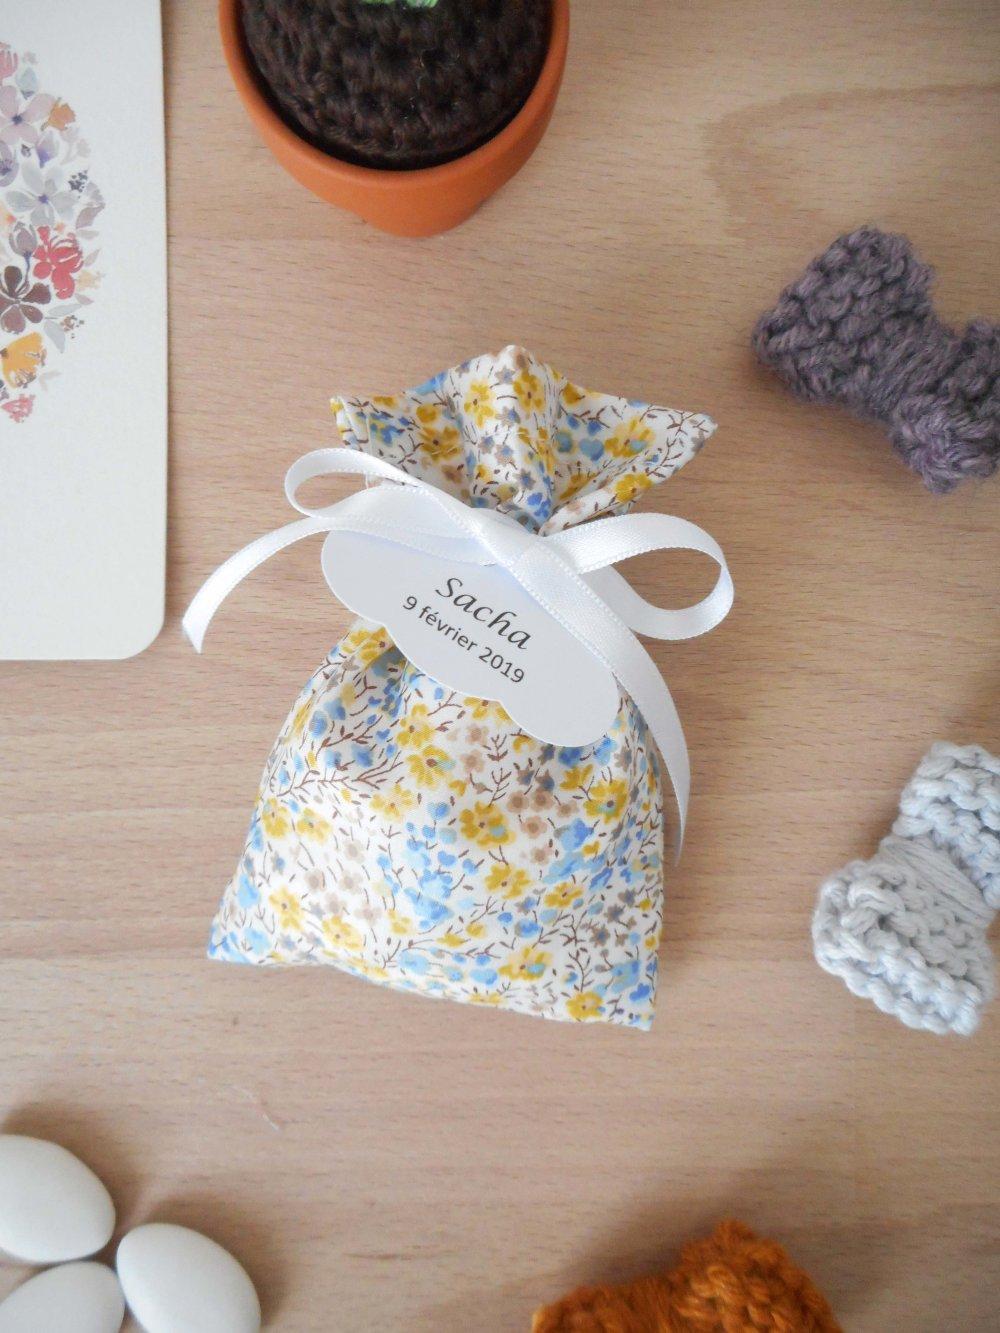 Ballotin à dragées Liberty Phoebe chabika ruban blanc étiquette papier personnalisable